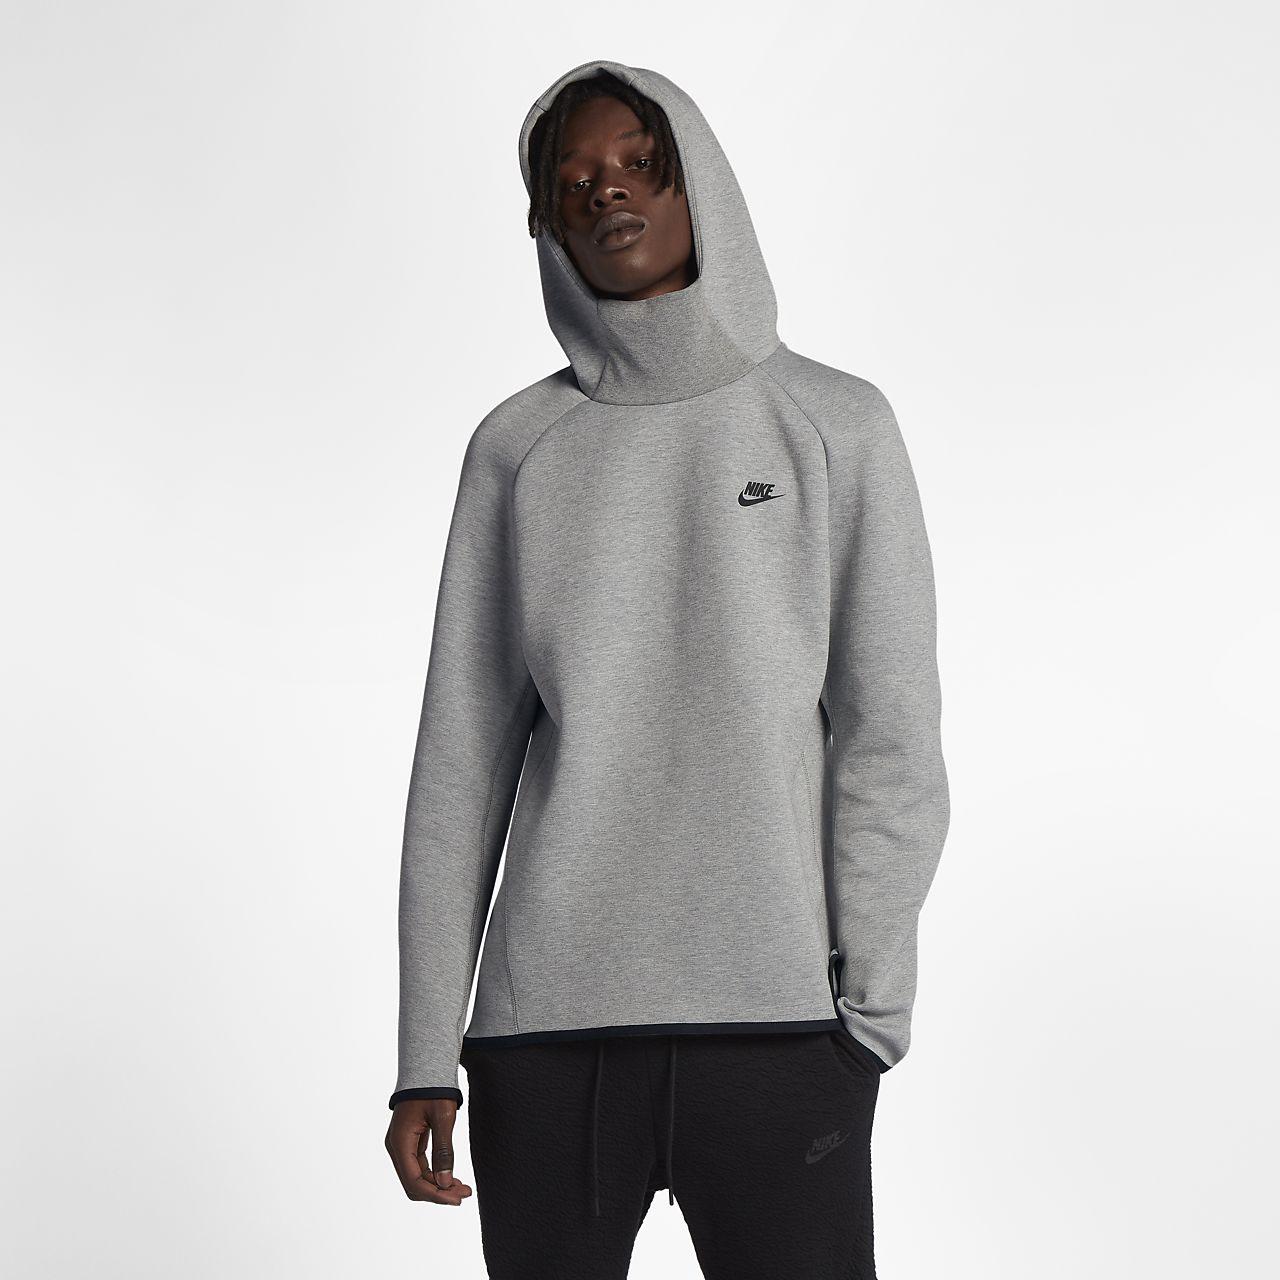 Pullover Hoodie Lu Tech Sportswear Men's Nike Fleece wO74qpH